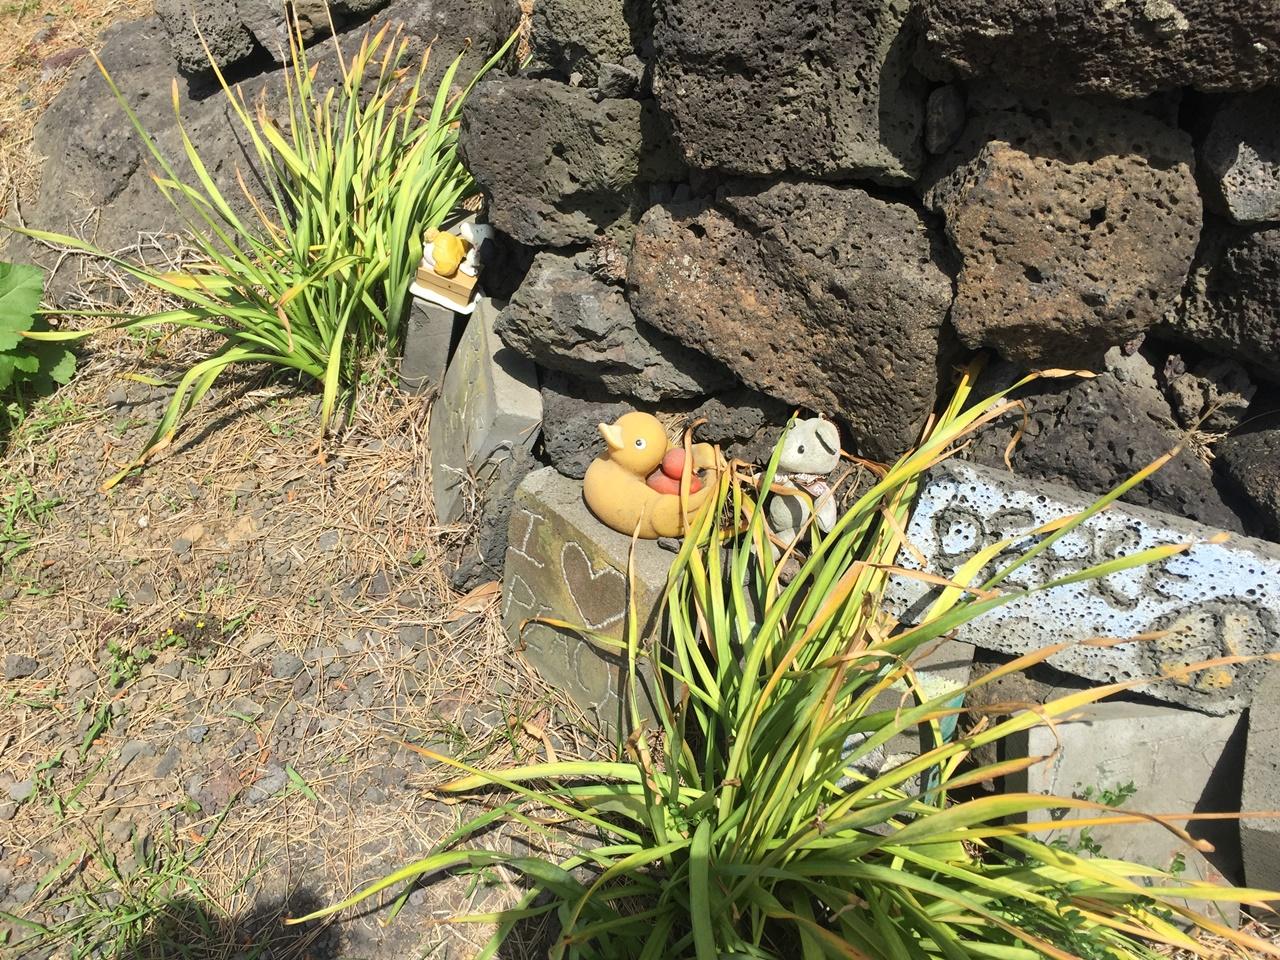 제주 너븐숭이의 아기무덤 장난감과 사탕이 있는